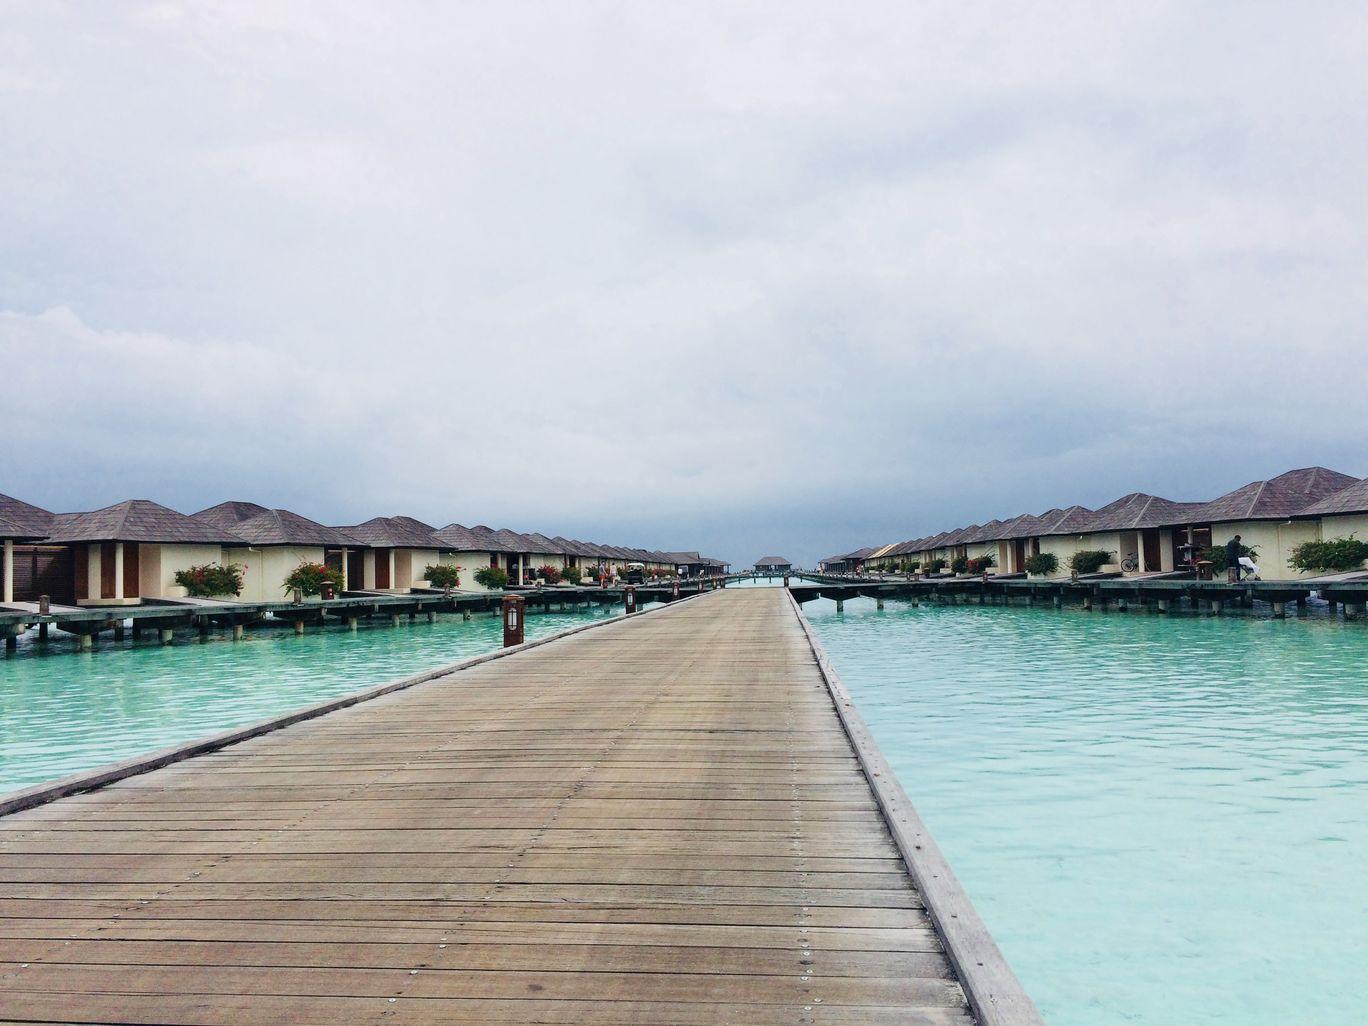 Photo of Maldives By Jyoti Sharma Solanki